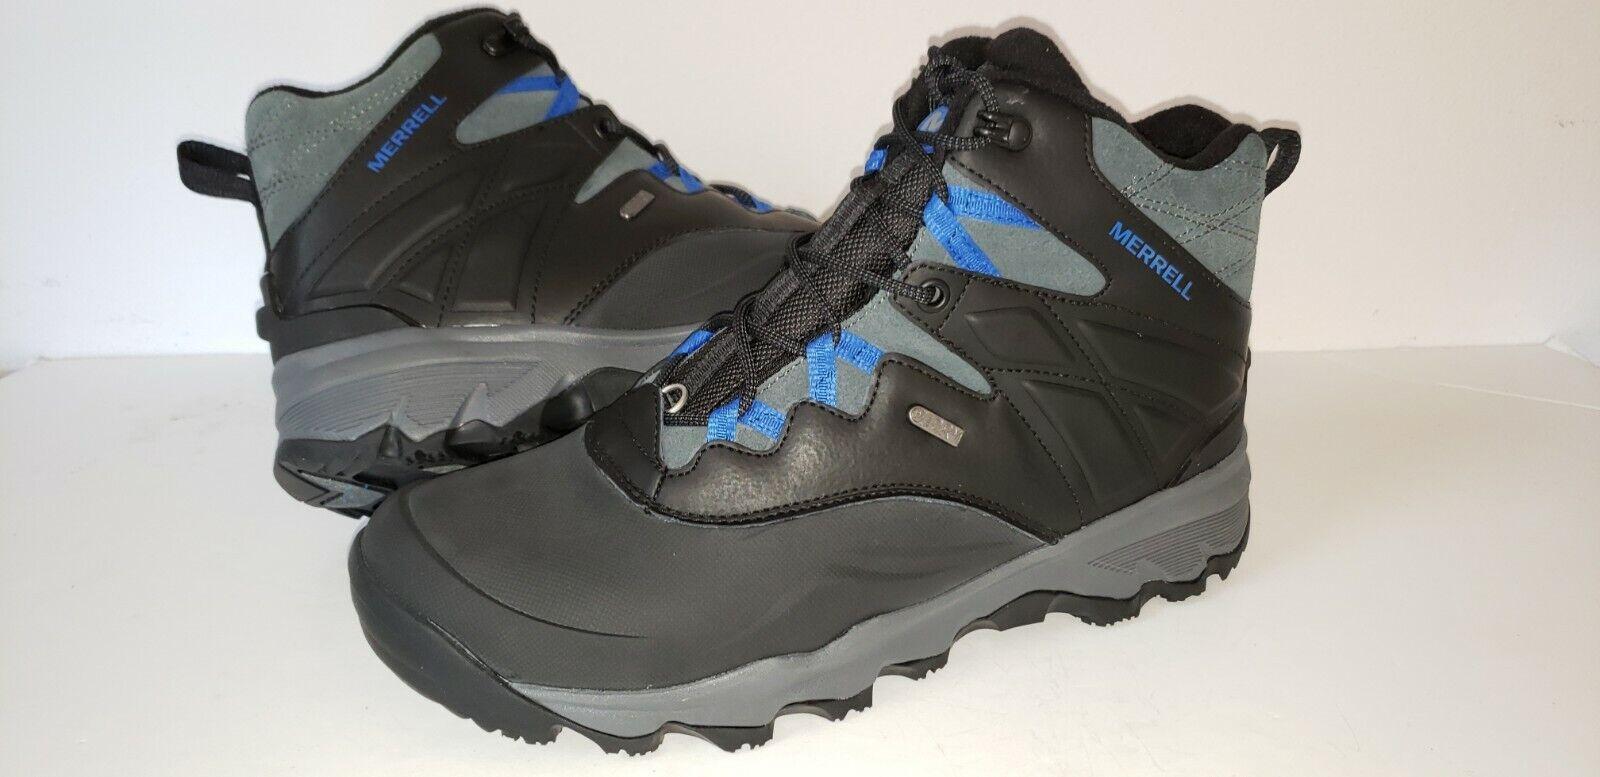 MM20 Nueva aventura  Merrell Thermo 6  WP botas Senderismo Trekking + Hielo Hombre 9 Negro  los nuevos estilos calientes